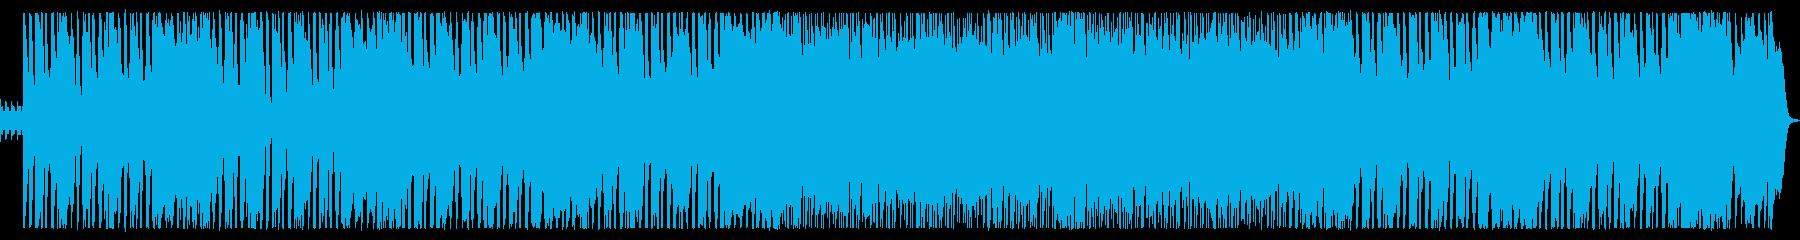 明るく軽快なロックの再生済みの波形